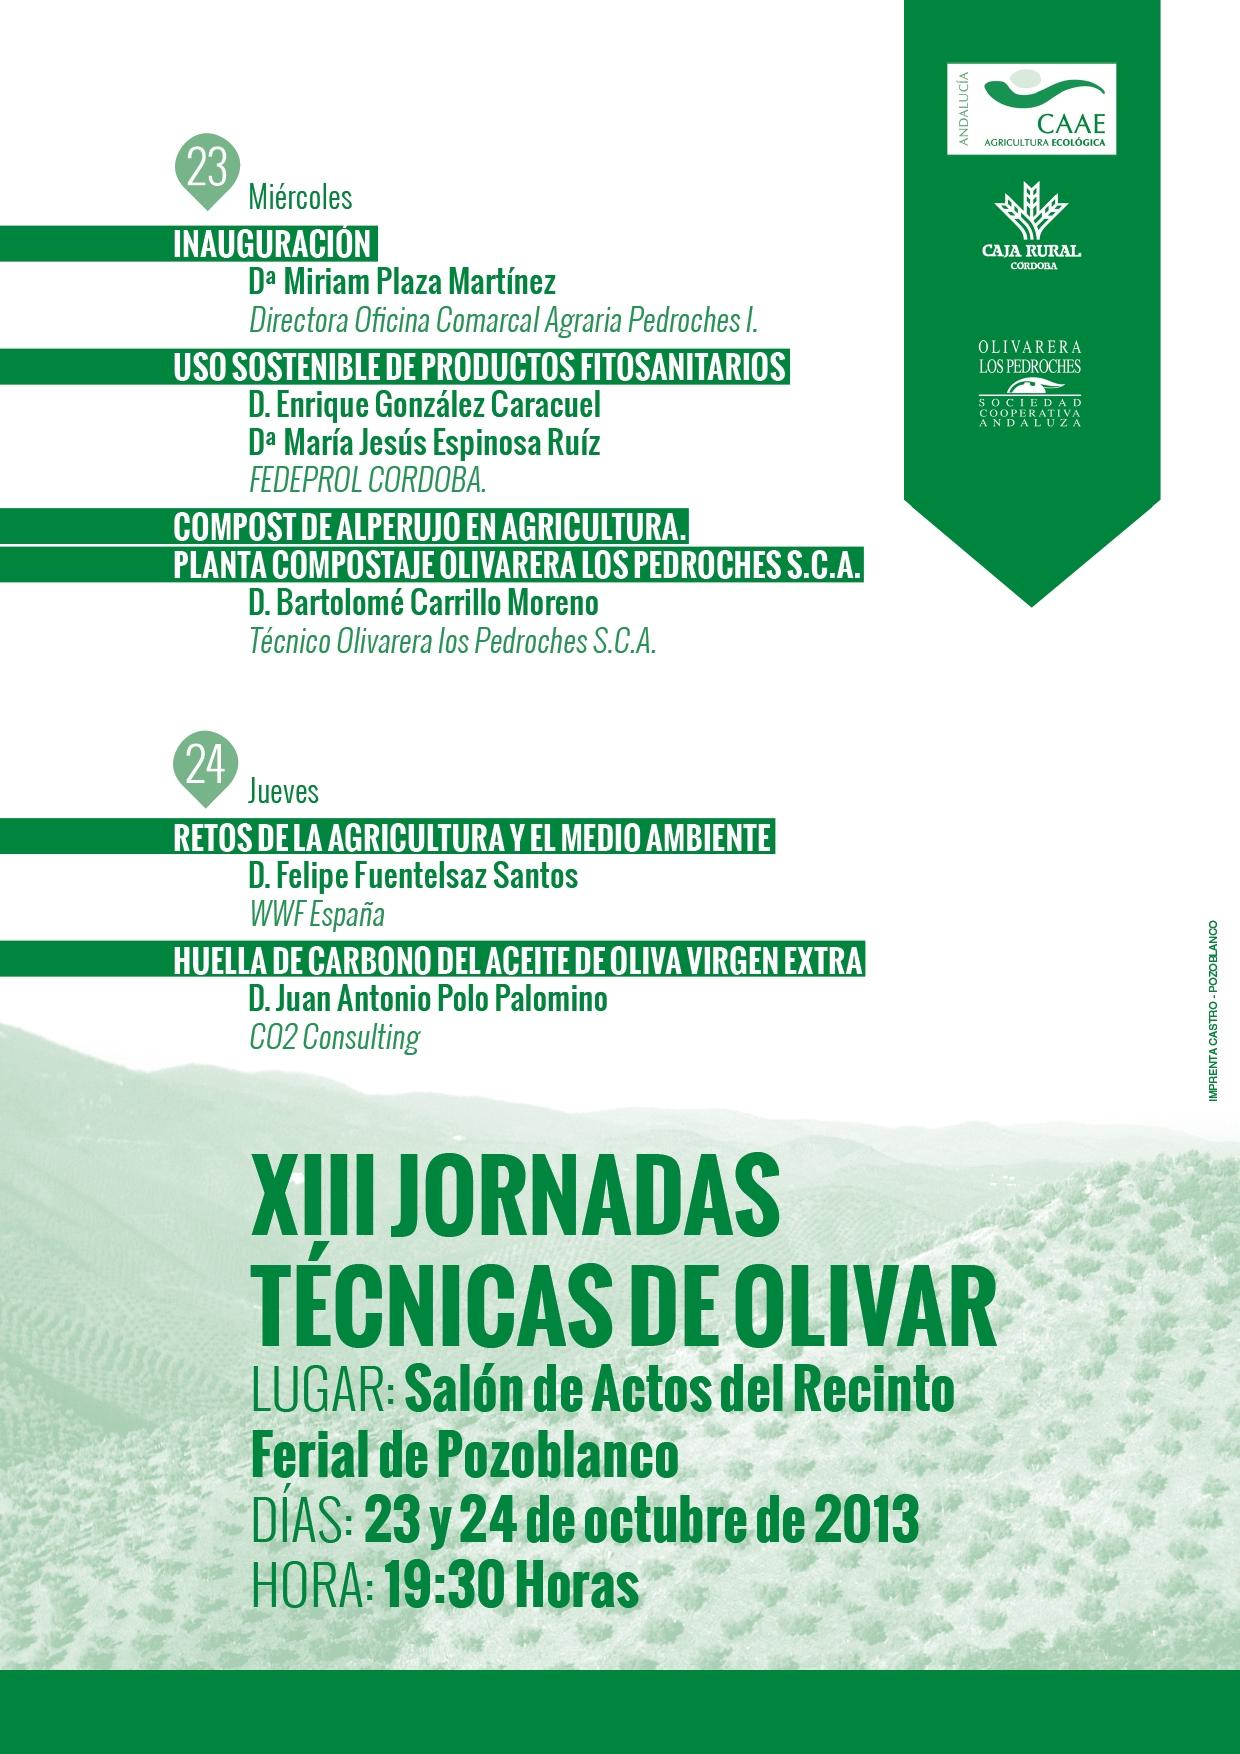 Xiii jornadas t cnicas de olivar aceite de oliva for Oficina comarcal agraria